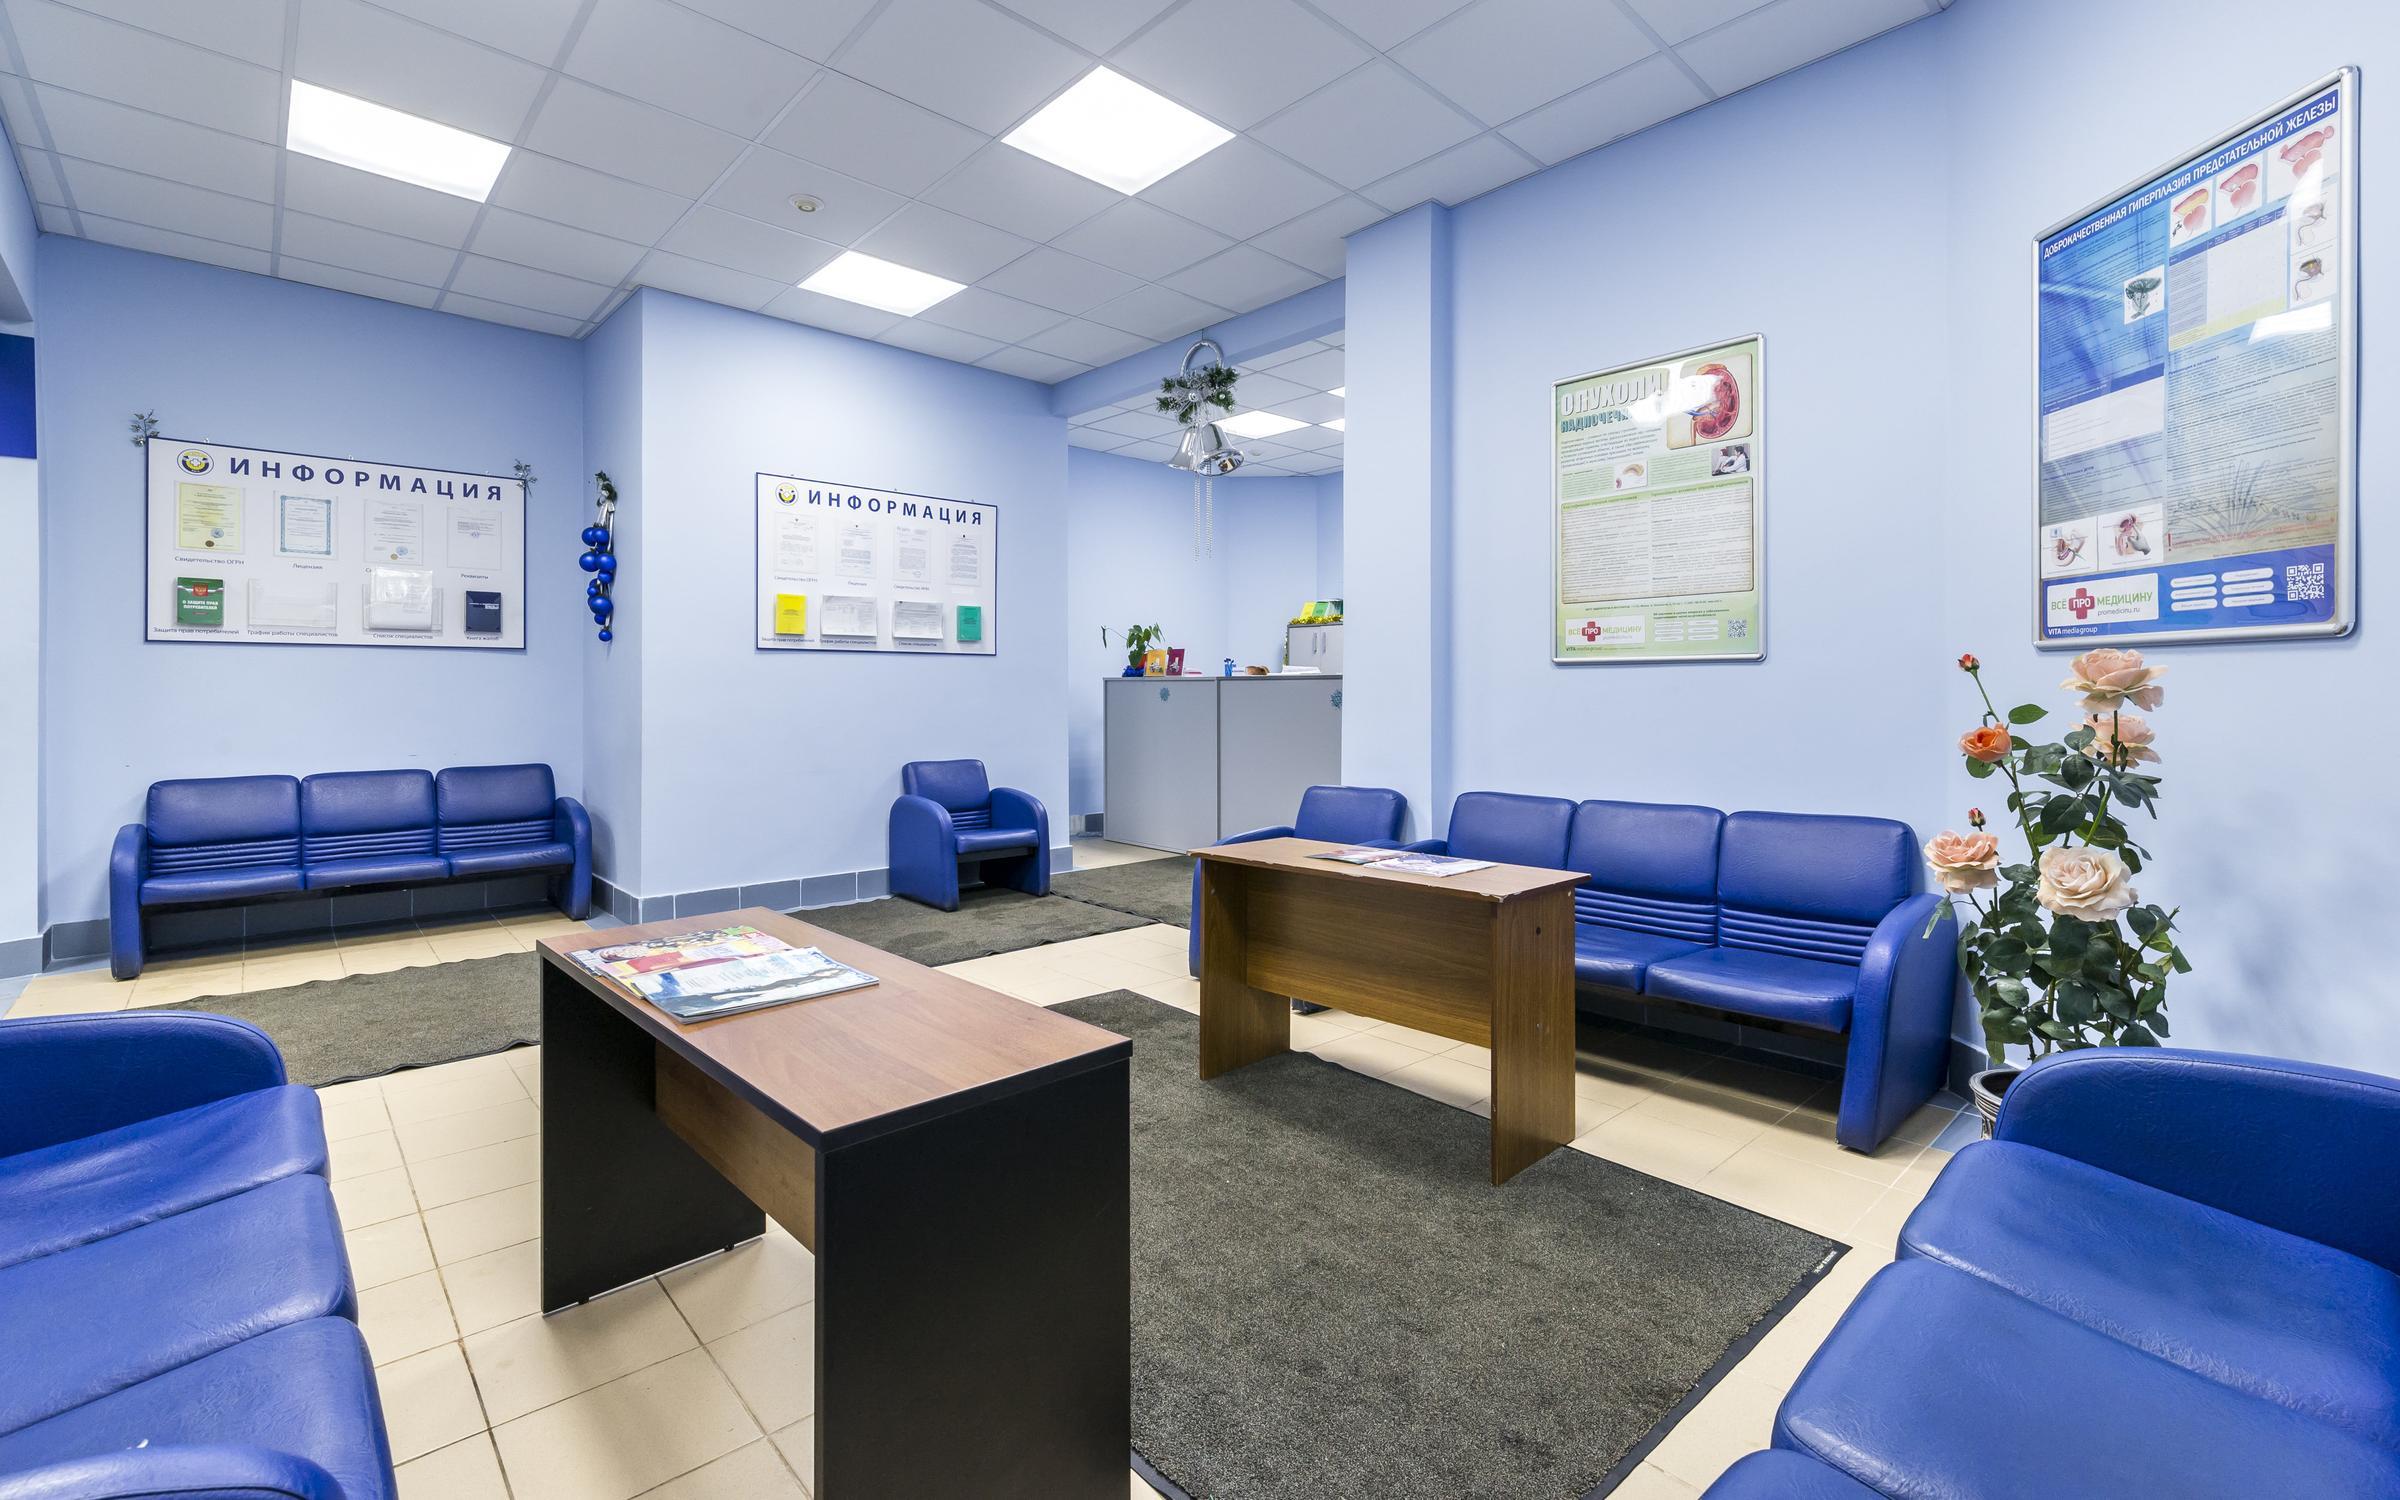 Расписание врачей в детской поликлинике 15 самара